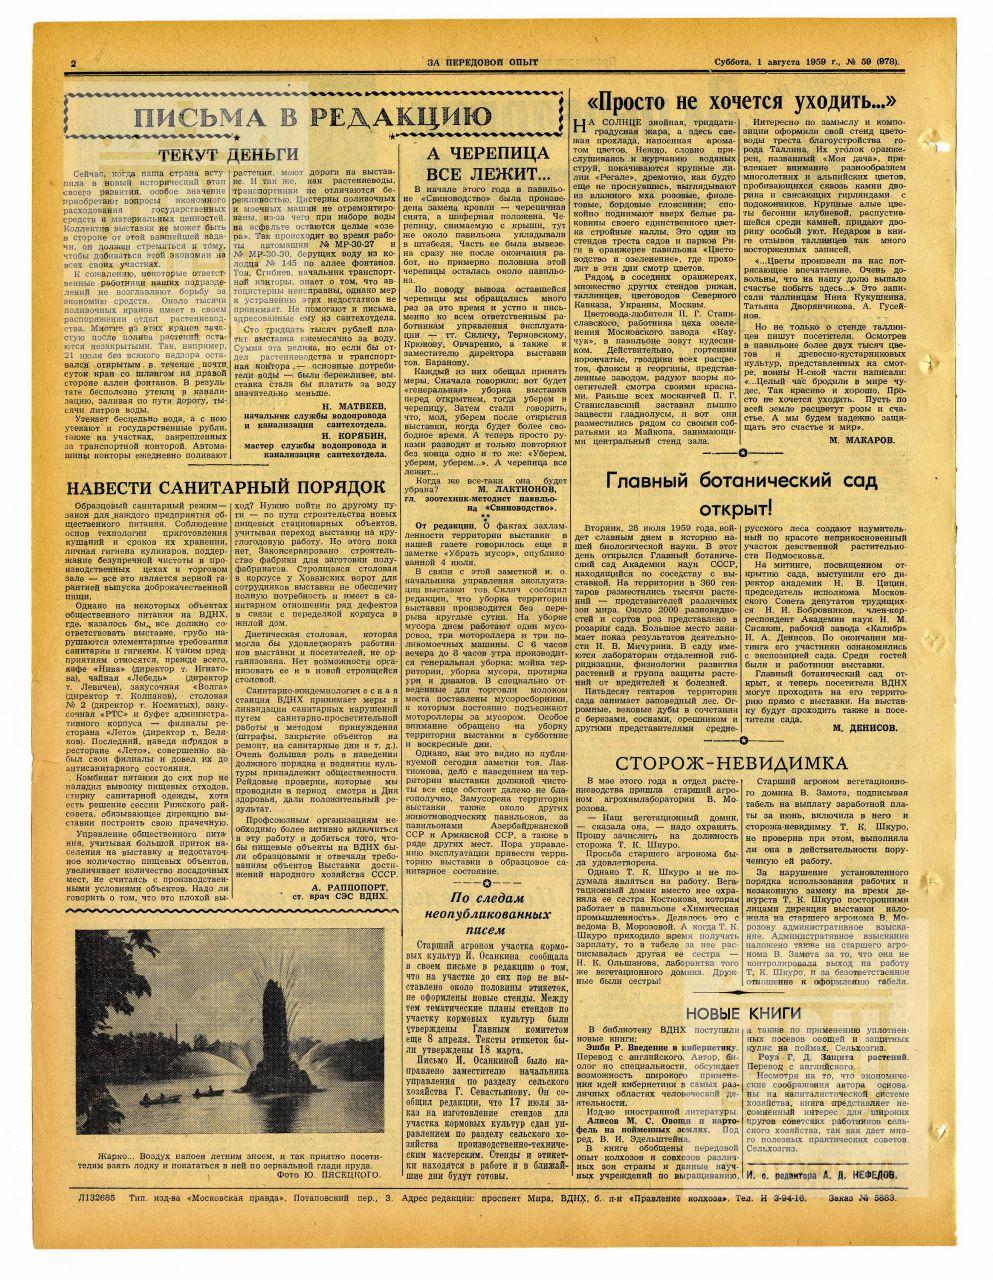 За передовой опыт. 1959, №59